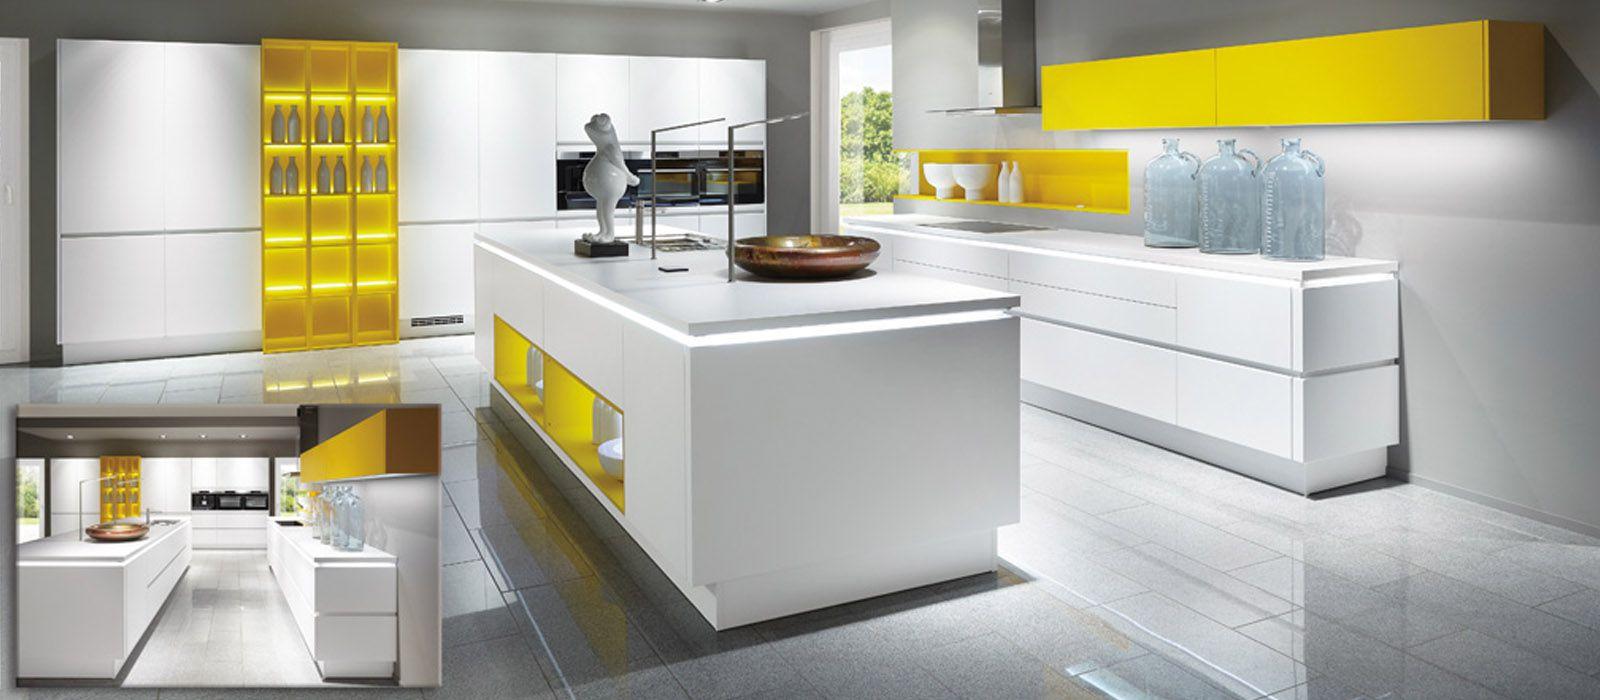 German Kitchen Center Brownstoner